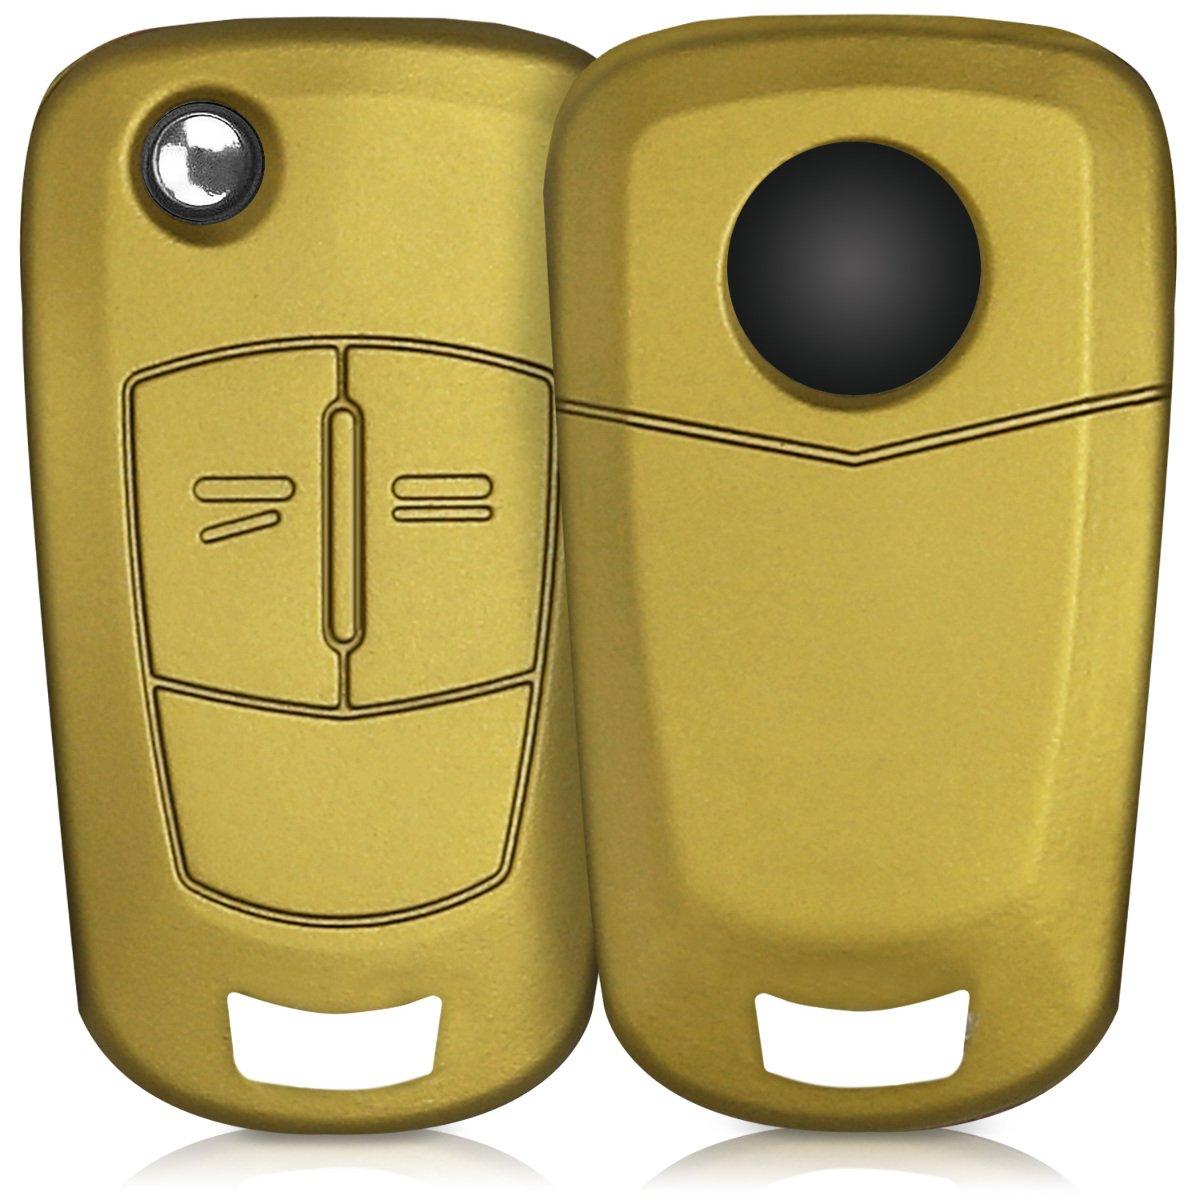 kwmobile Funda de Silicona para Llave Plegable de 2 Botones para Coche Opel Vauxhall - Carcasa Protectora Suave de Silicona - Case Mando de Auto Oro ...